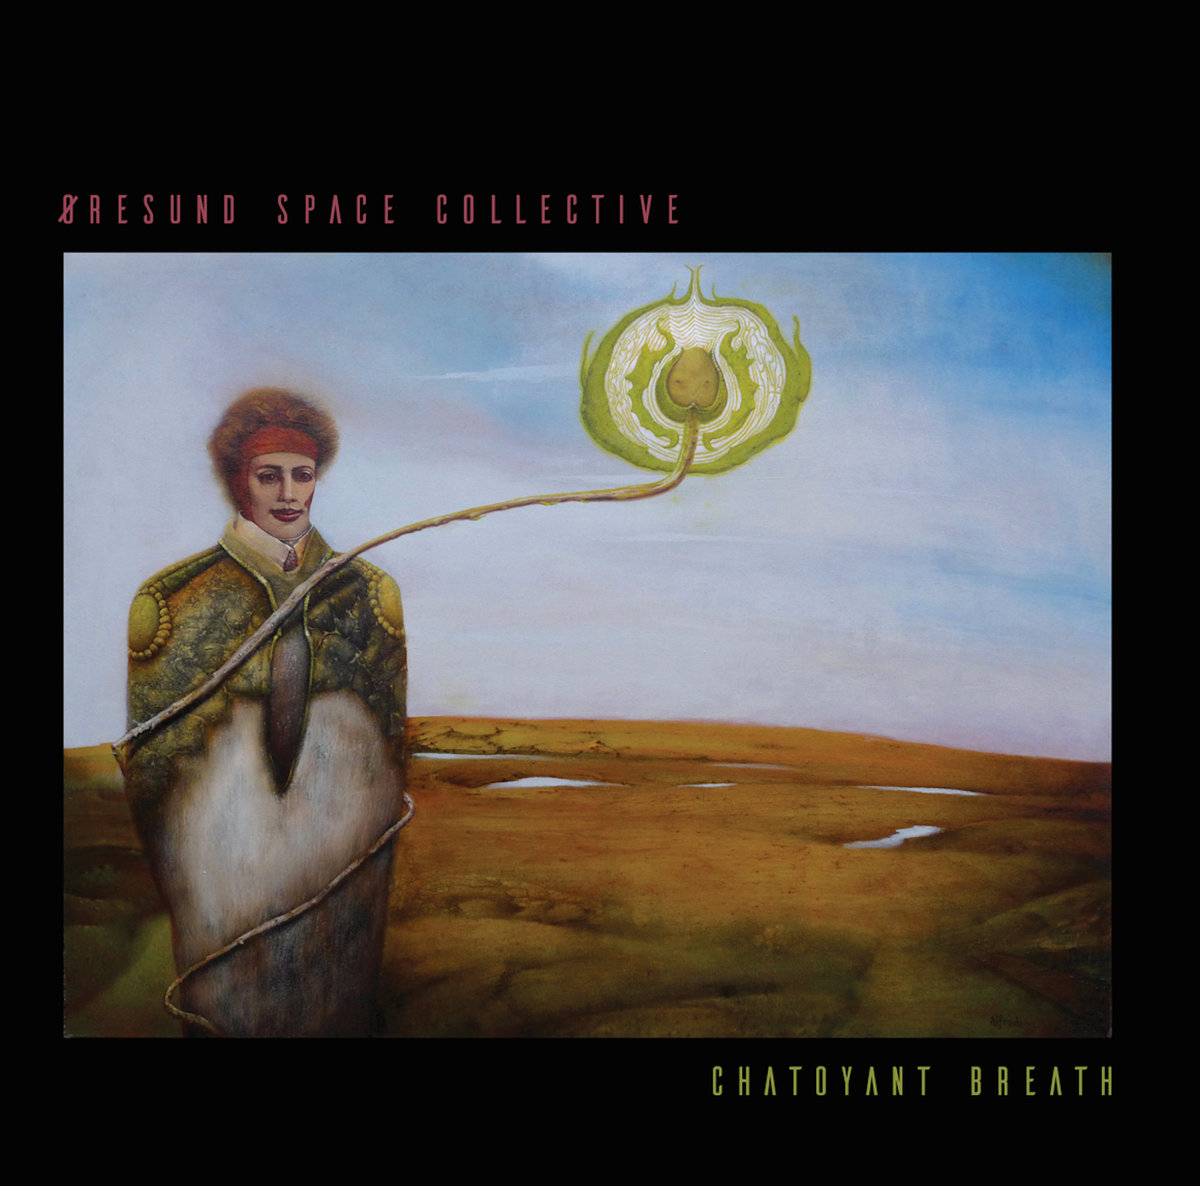 Oresund Space Collective Chatoyant Breath